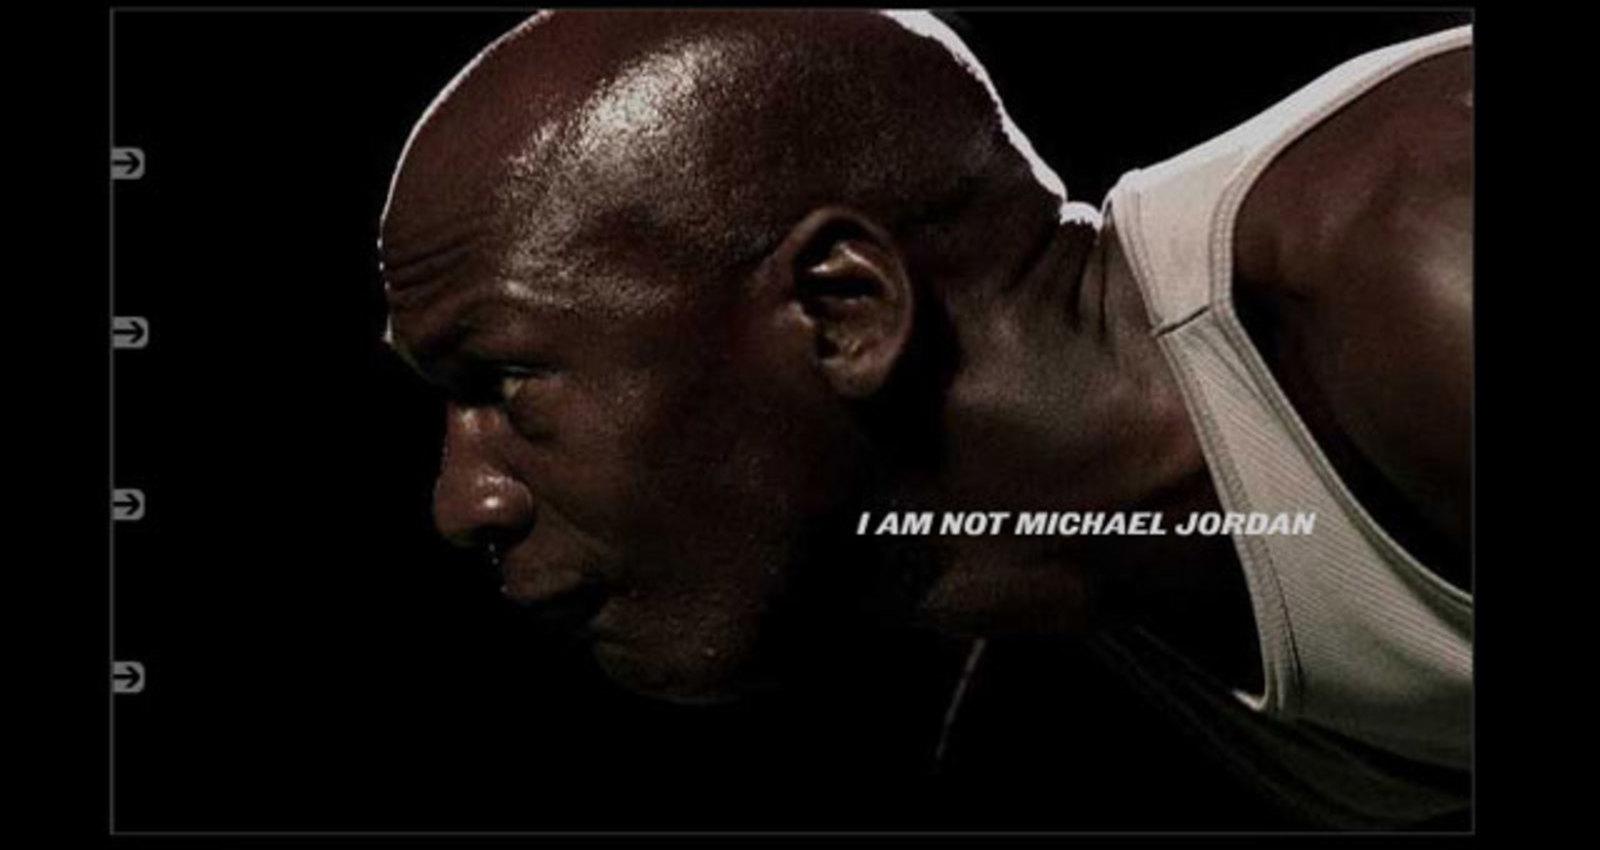 I Am Not Michael Jordan